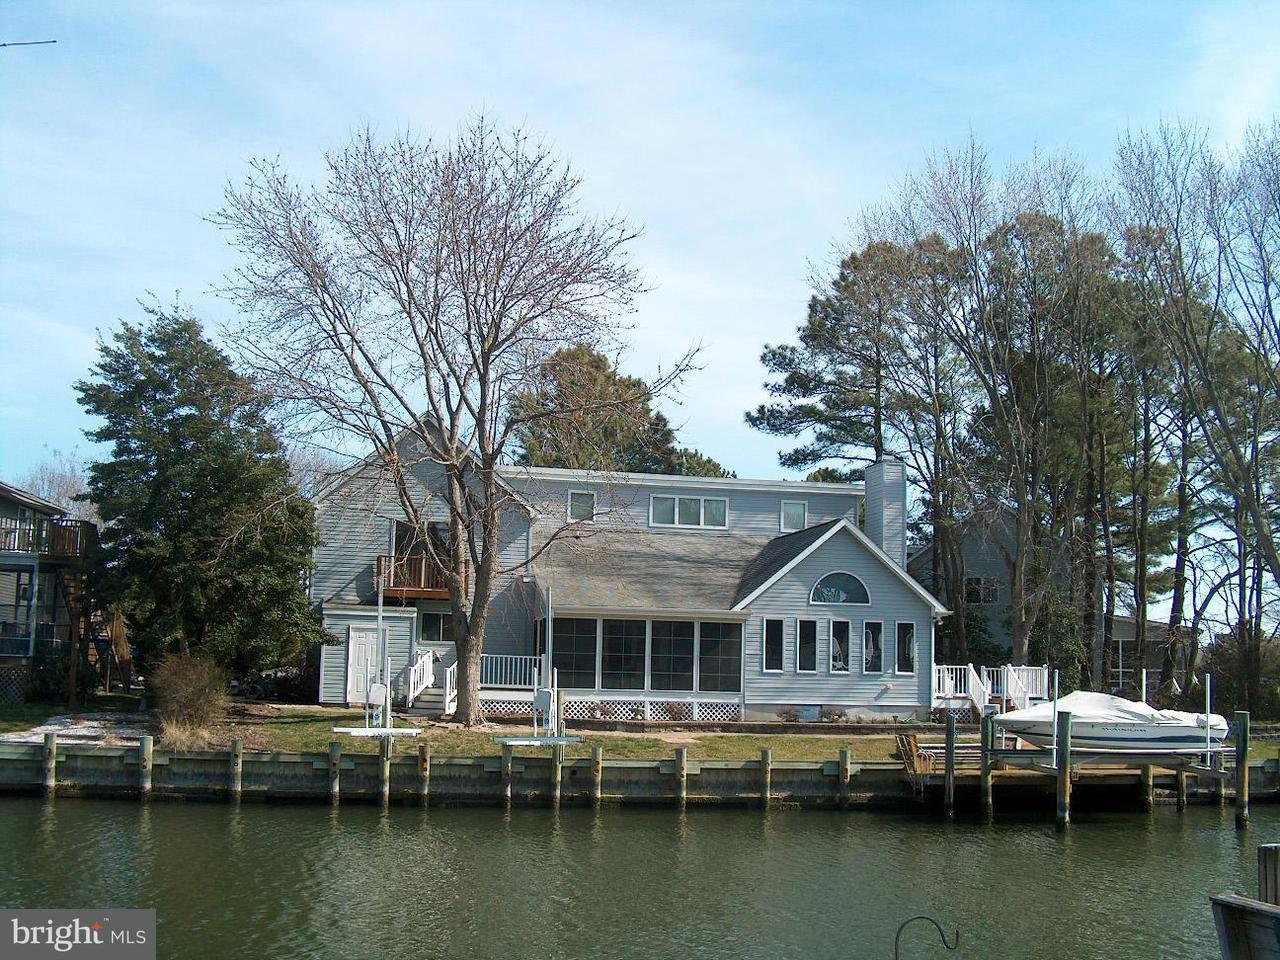 Частный односемейный дом для того Продажа на 22 WINDWARD Court 22 WINDWARD Court Ocean Pines, Мэриленд 21811 Соединенные Штаты